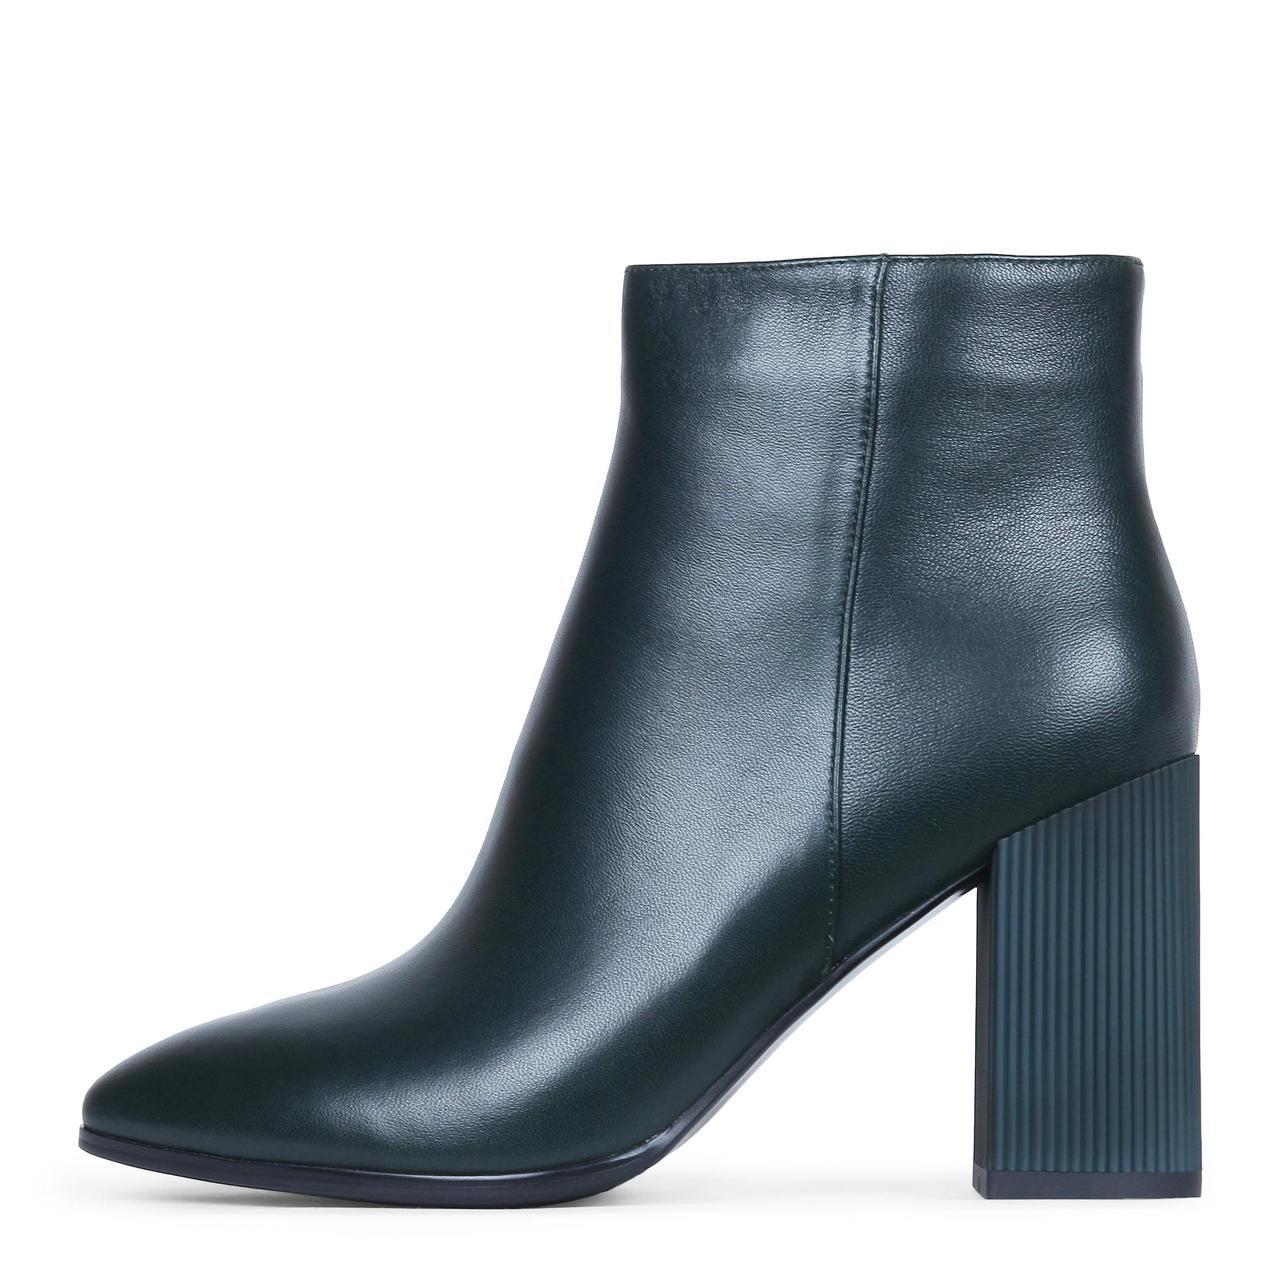 300cb72735d7 Ботинки Angelo Vani - купить по лучшей цене в Киеве от компании